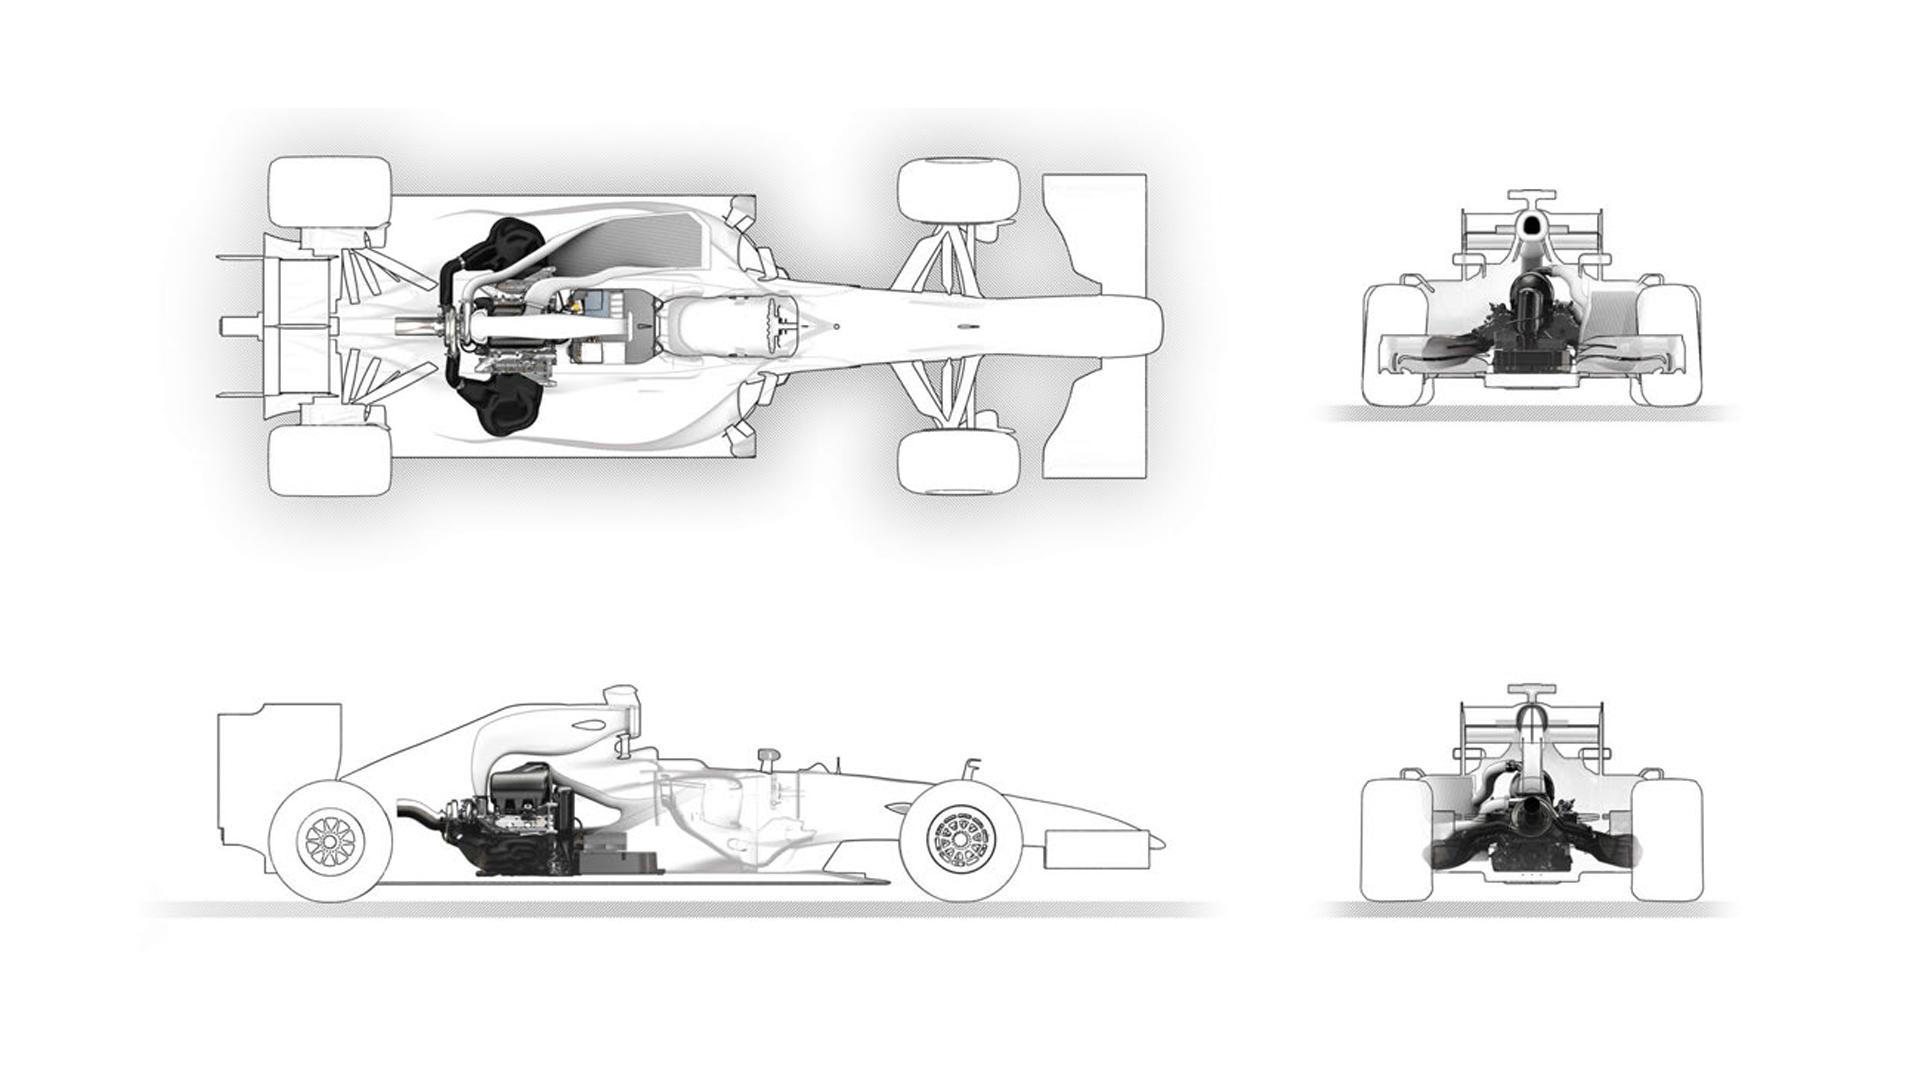 Sous Le Capot Moteur F1 Power Unit Renault Un An Apres